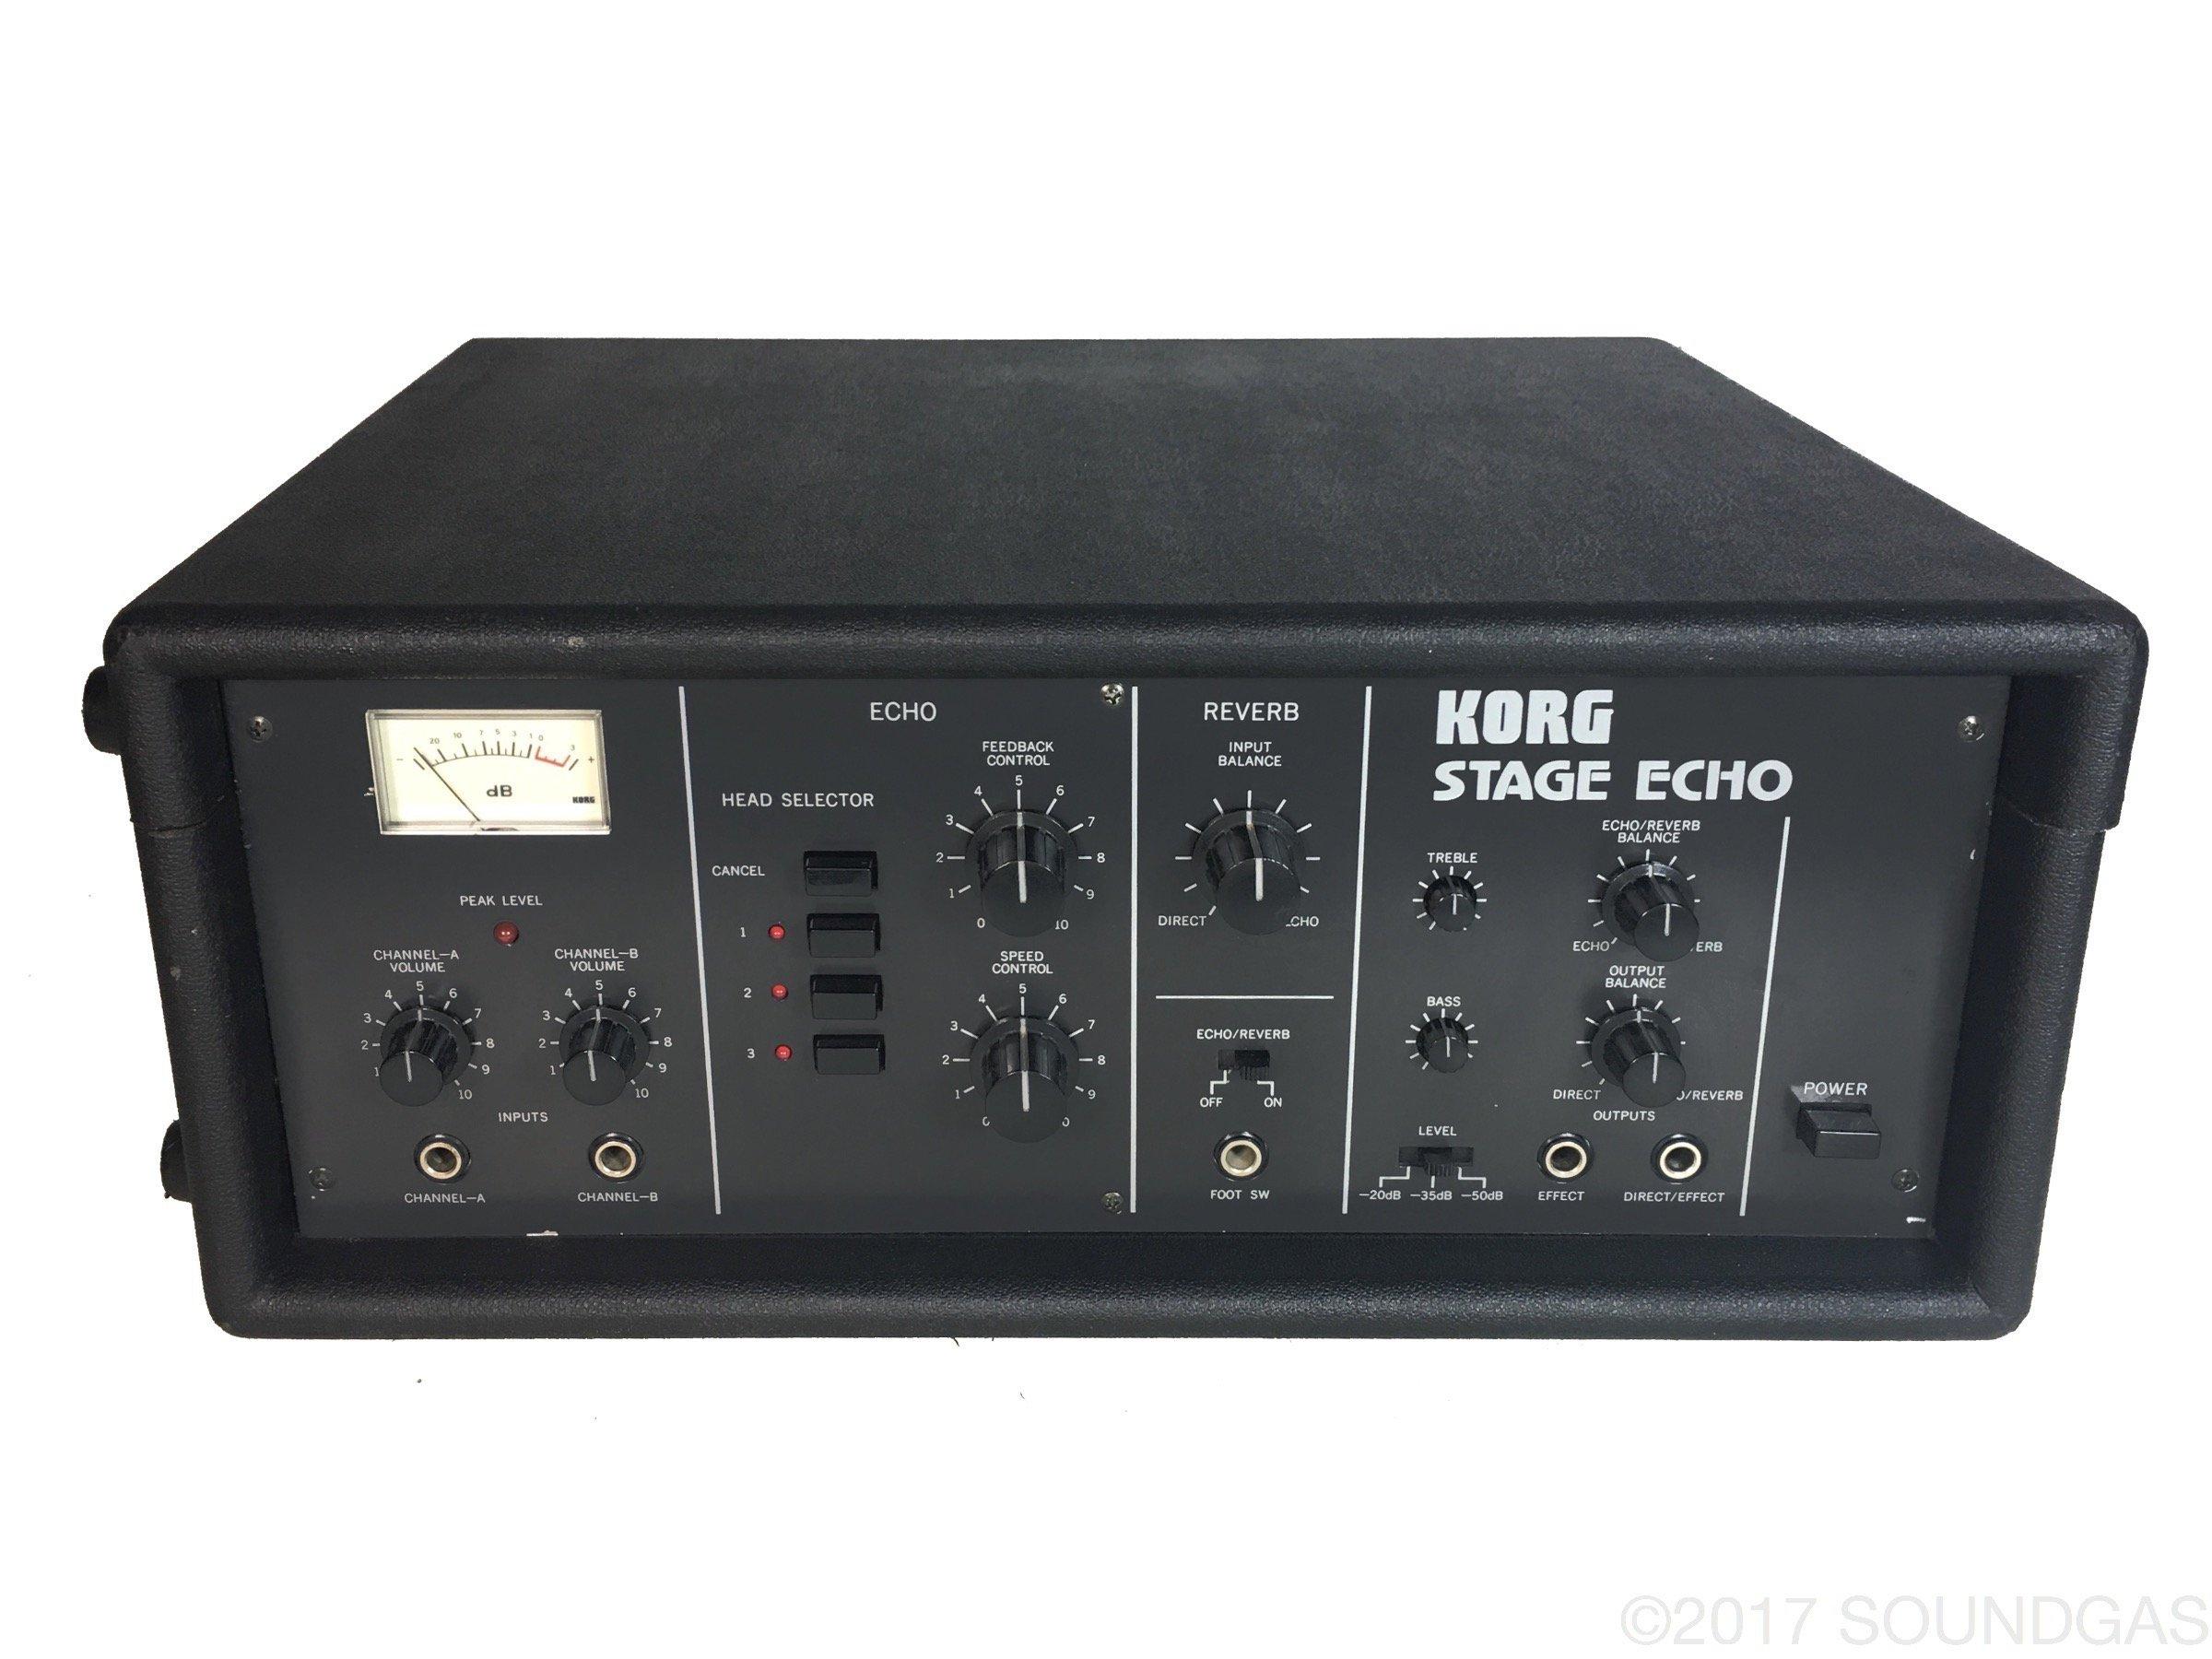 Korg-SE-300-Stage-Echo-Tape-Delay-Cover-2_f690357a-d12f-4de2-83ba-9b6a10006e3f